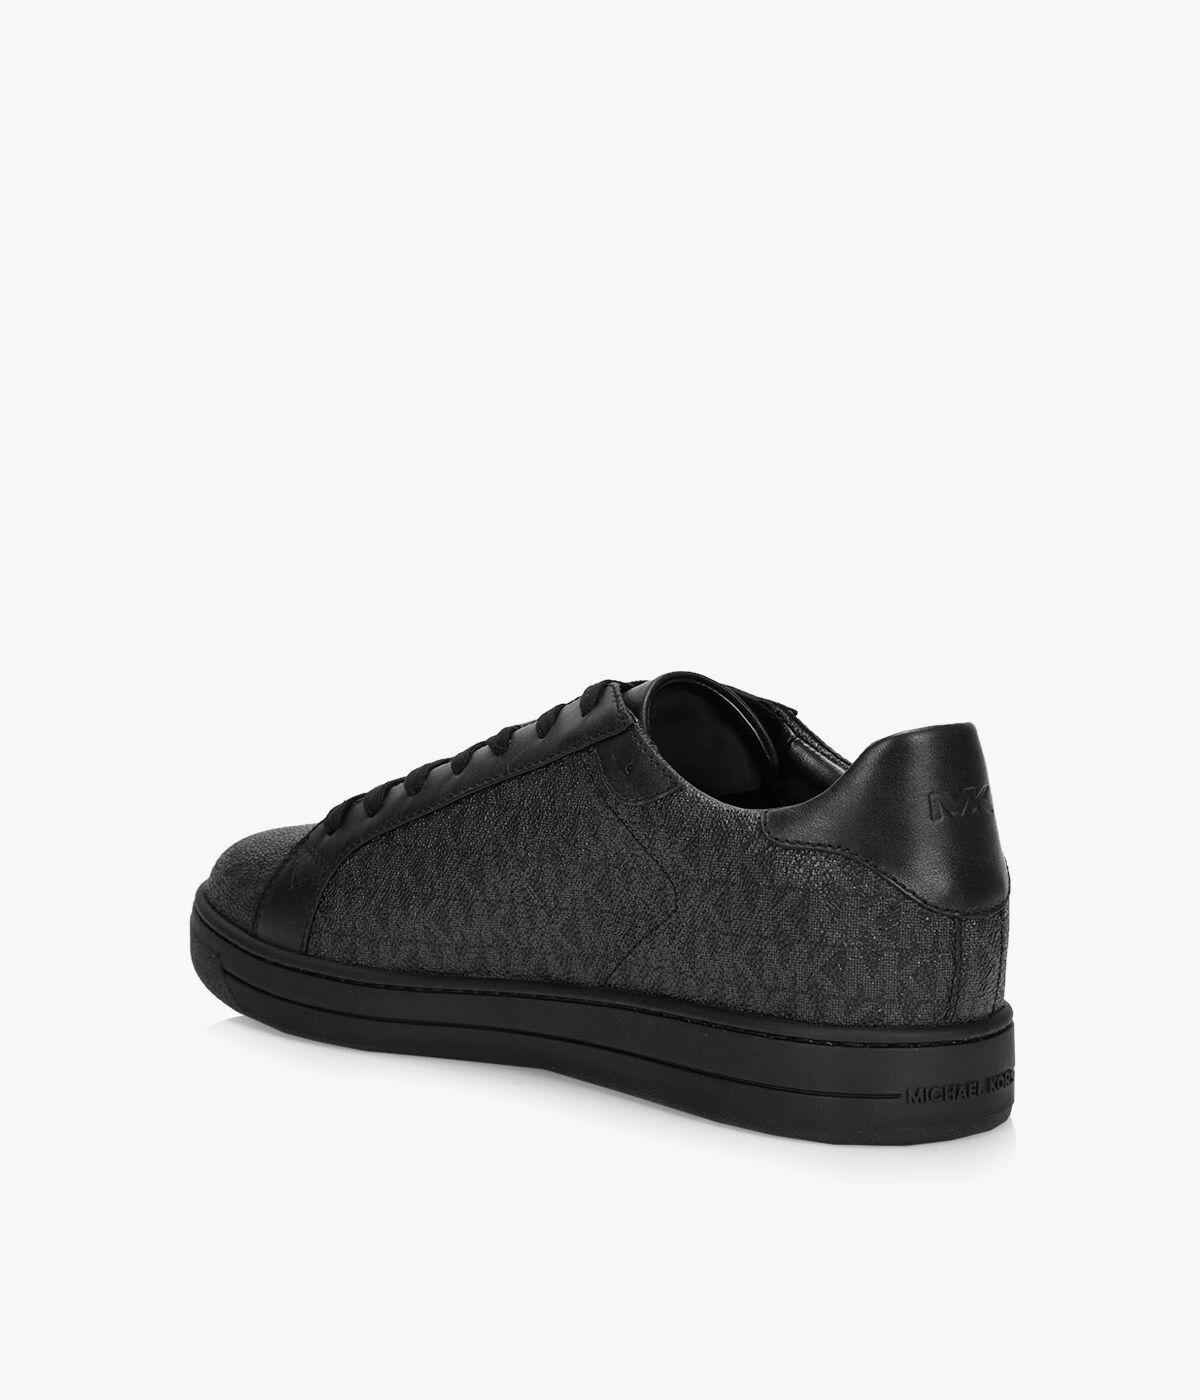 mk sneakers men